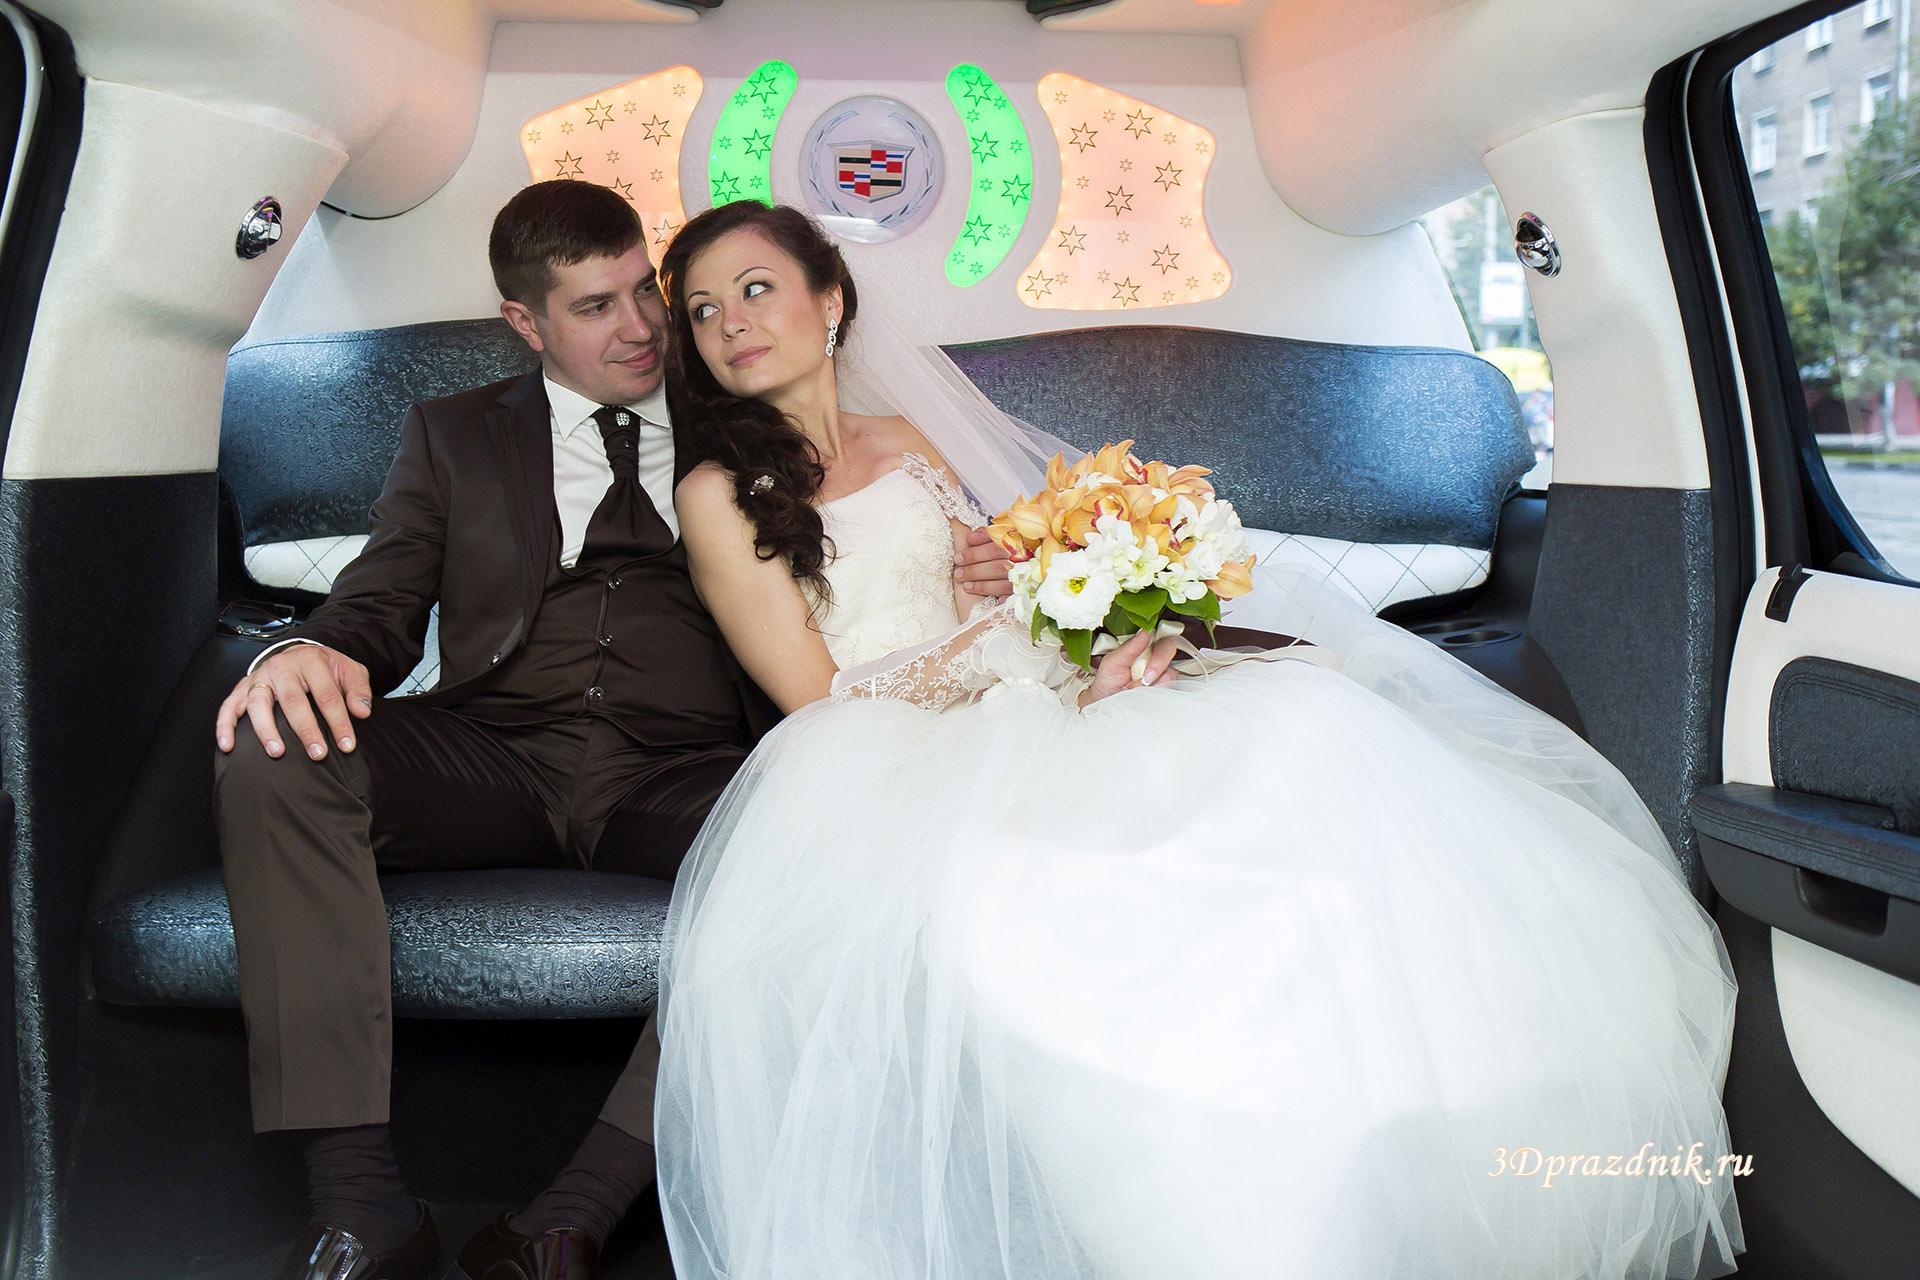 Владимир и Алла в лимузине